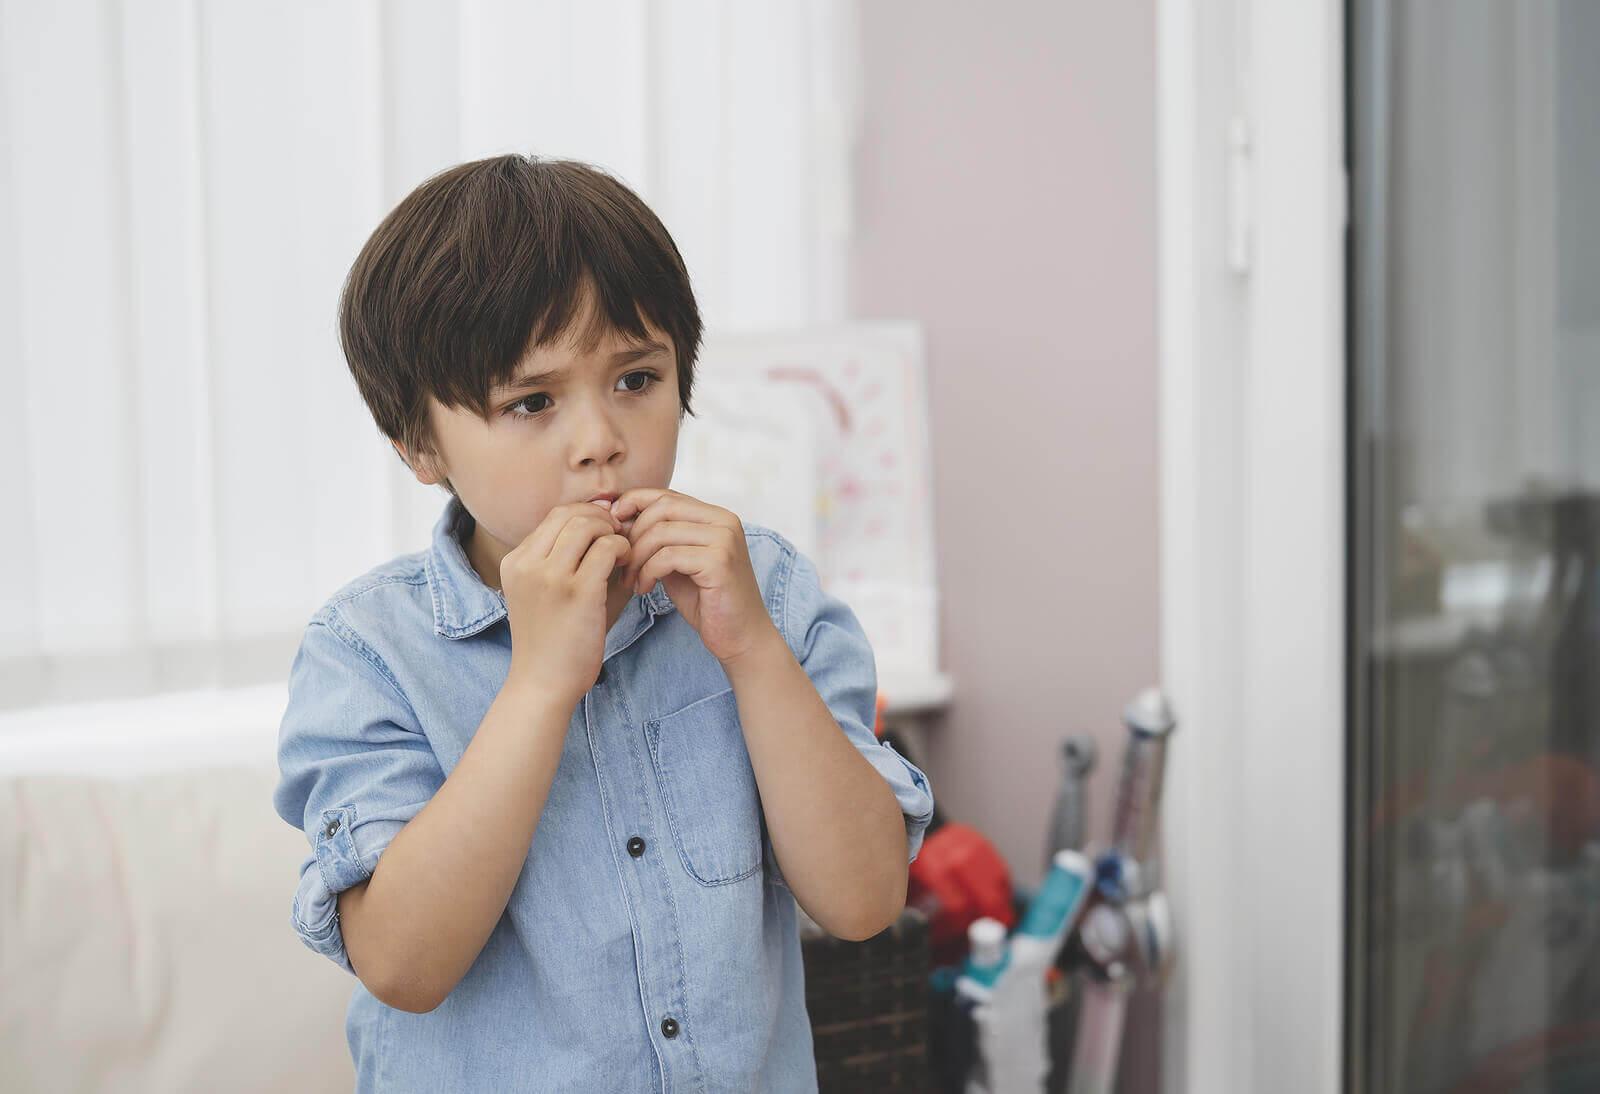 entender o comportamento impulsivo das crianças